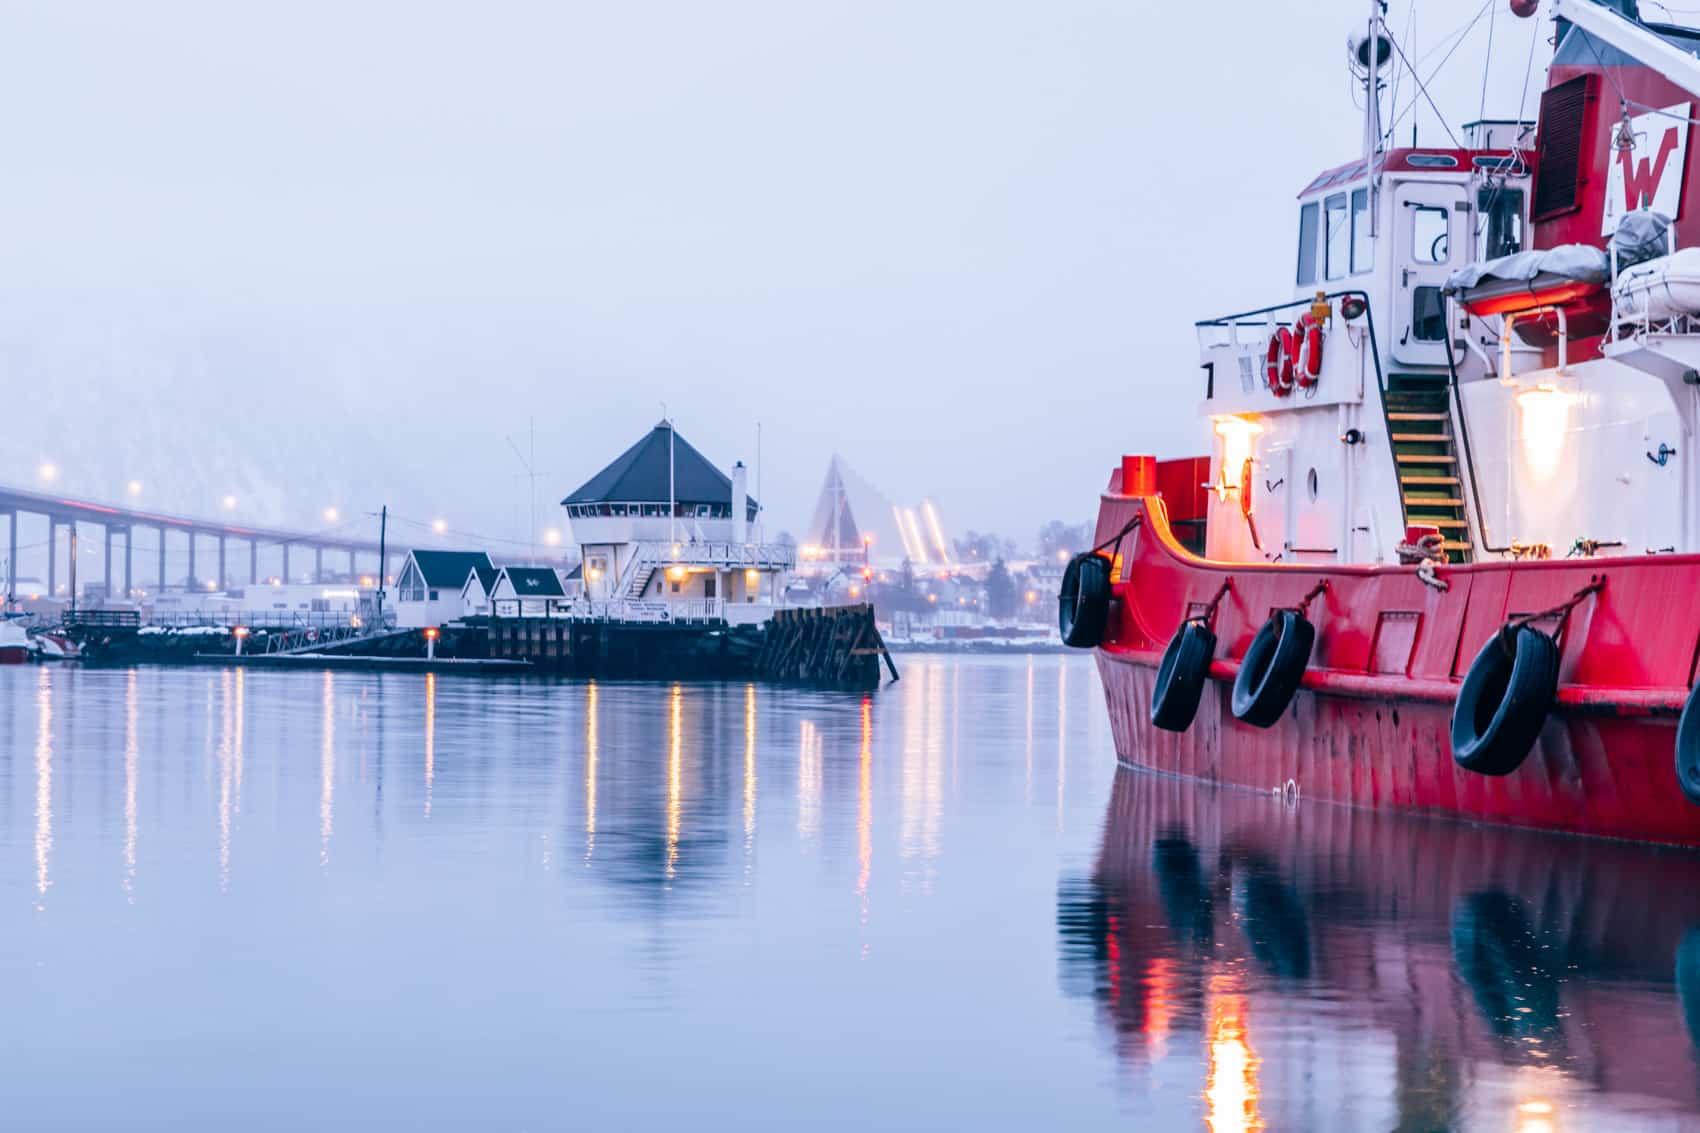 ID5A7423 - Bilan de nos 4 jours en Norvège